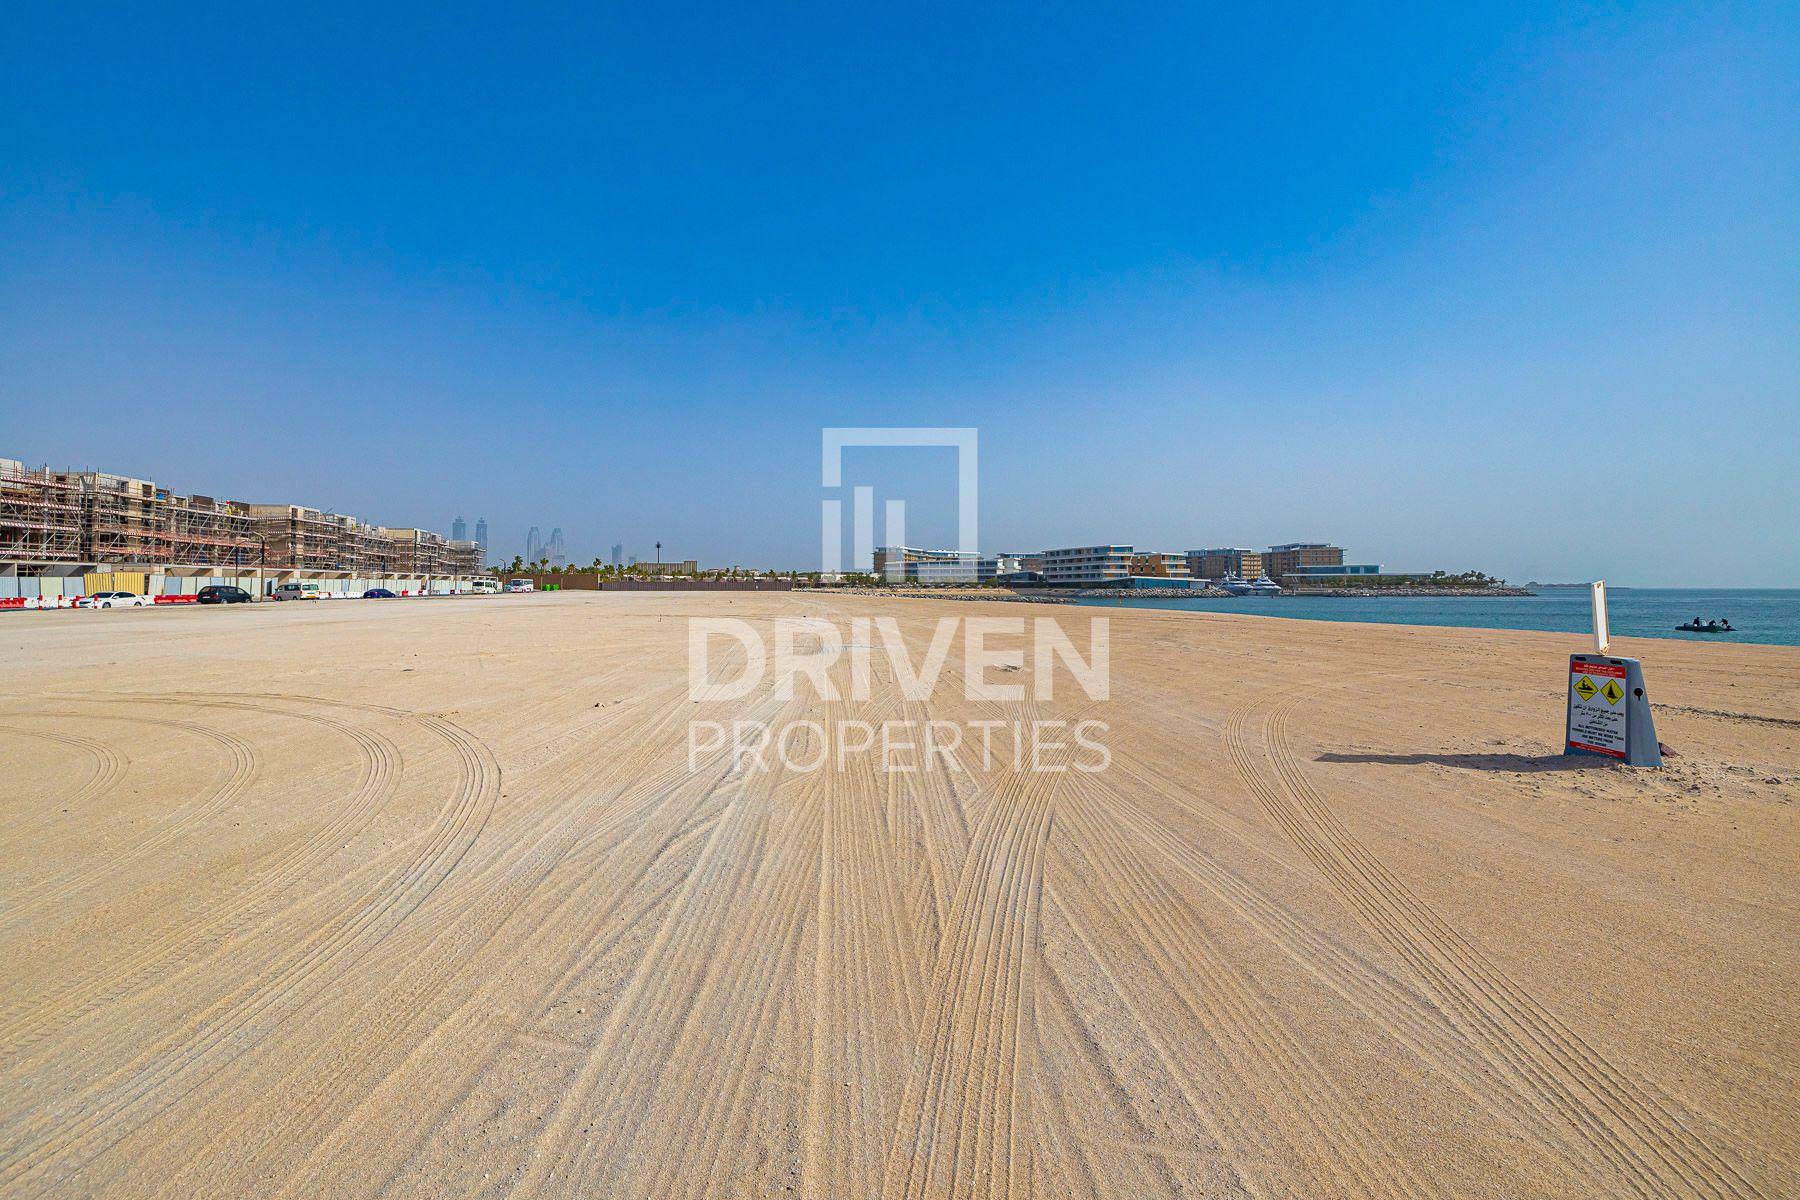 للبيع - أرض سكنية - جزيرة خليج الجميرا - الجميرا